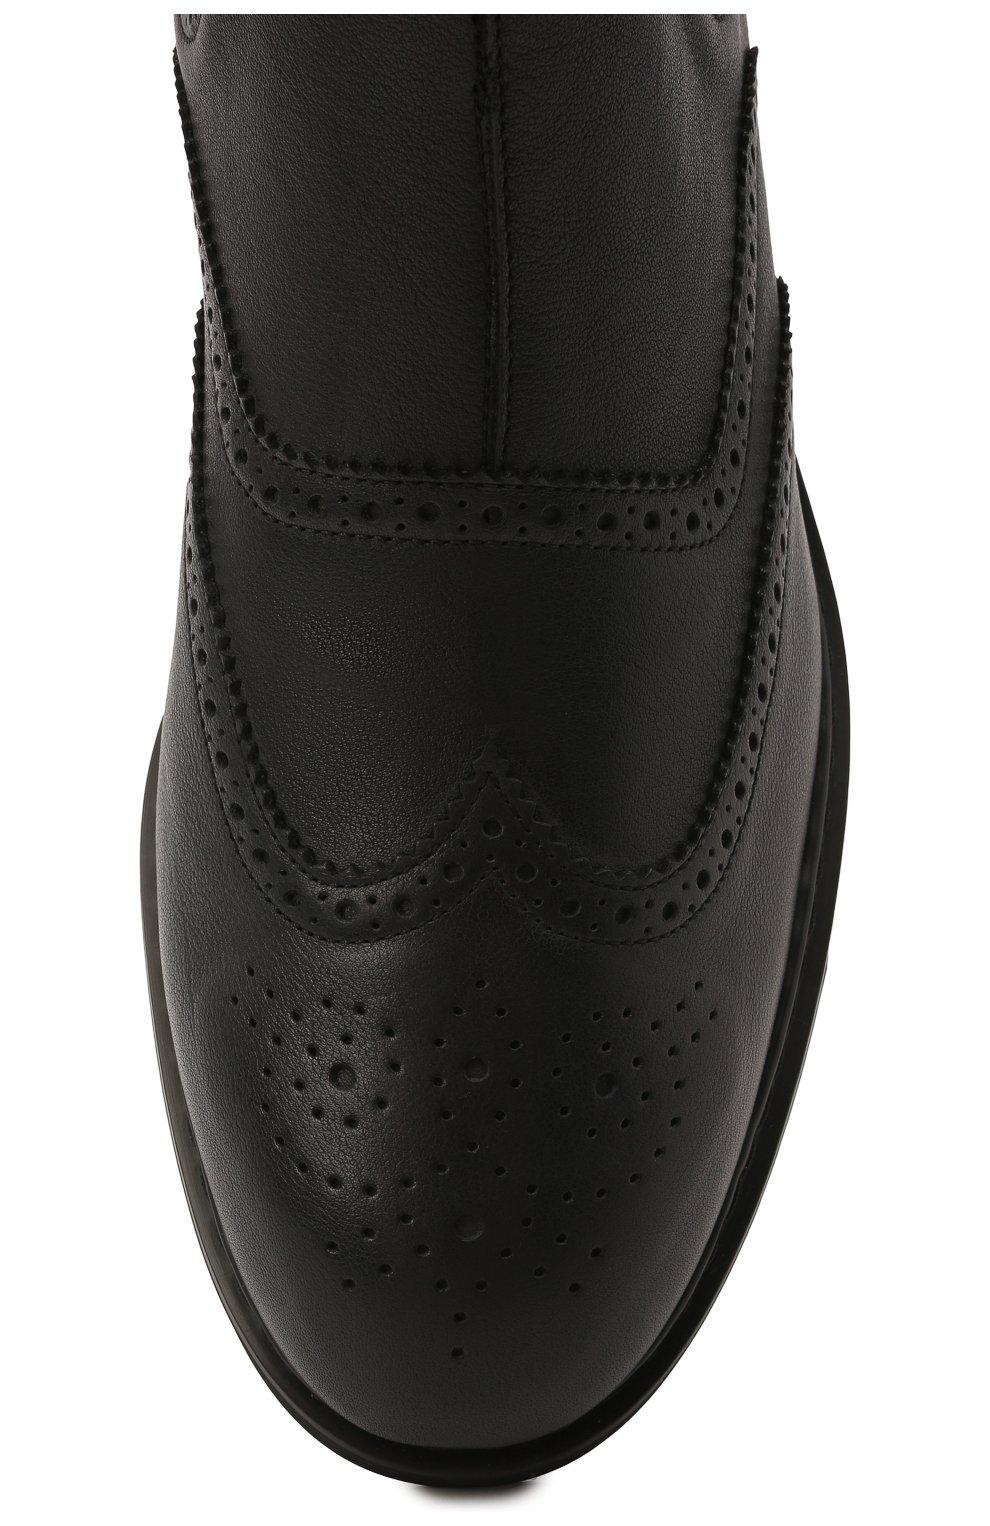 Мужские кожаные челси HOGAN темно-серого цвета, арт. HXM5760DT40Q7Q | Фото 5 (Материал внутренний: Текстиль; Подошва: Плоская; Мужское Кросс-КТ: Сапоги-обувь, Челси-обувь)